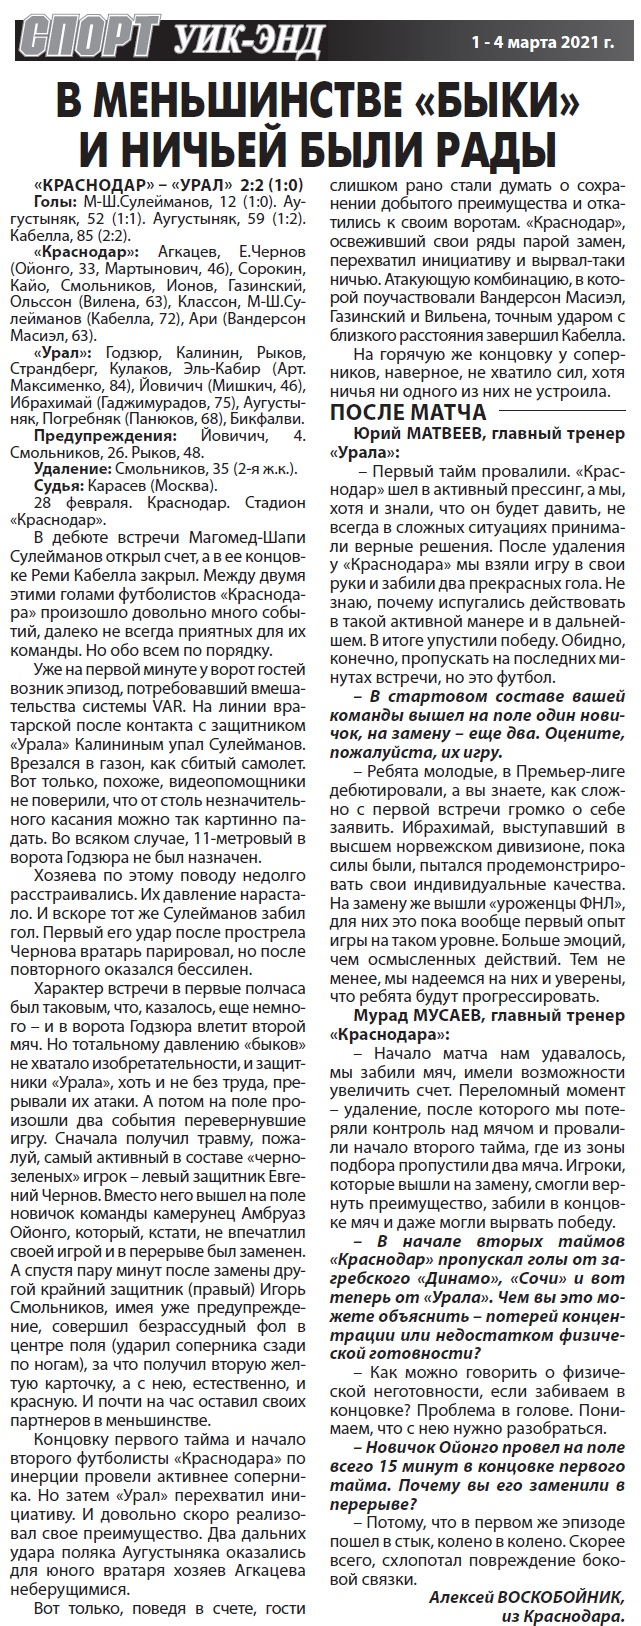 Краснодар (Краснодар) - Урал (Екатеринбург) 2:2